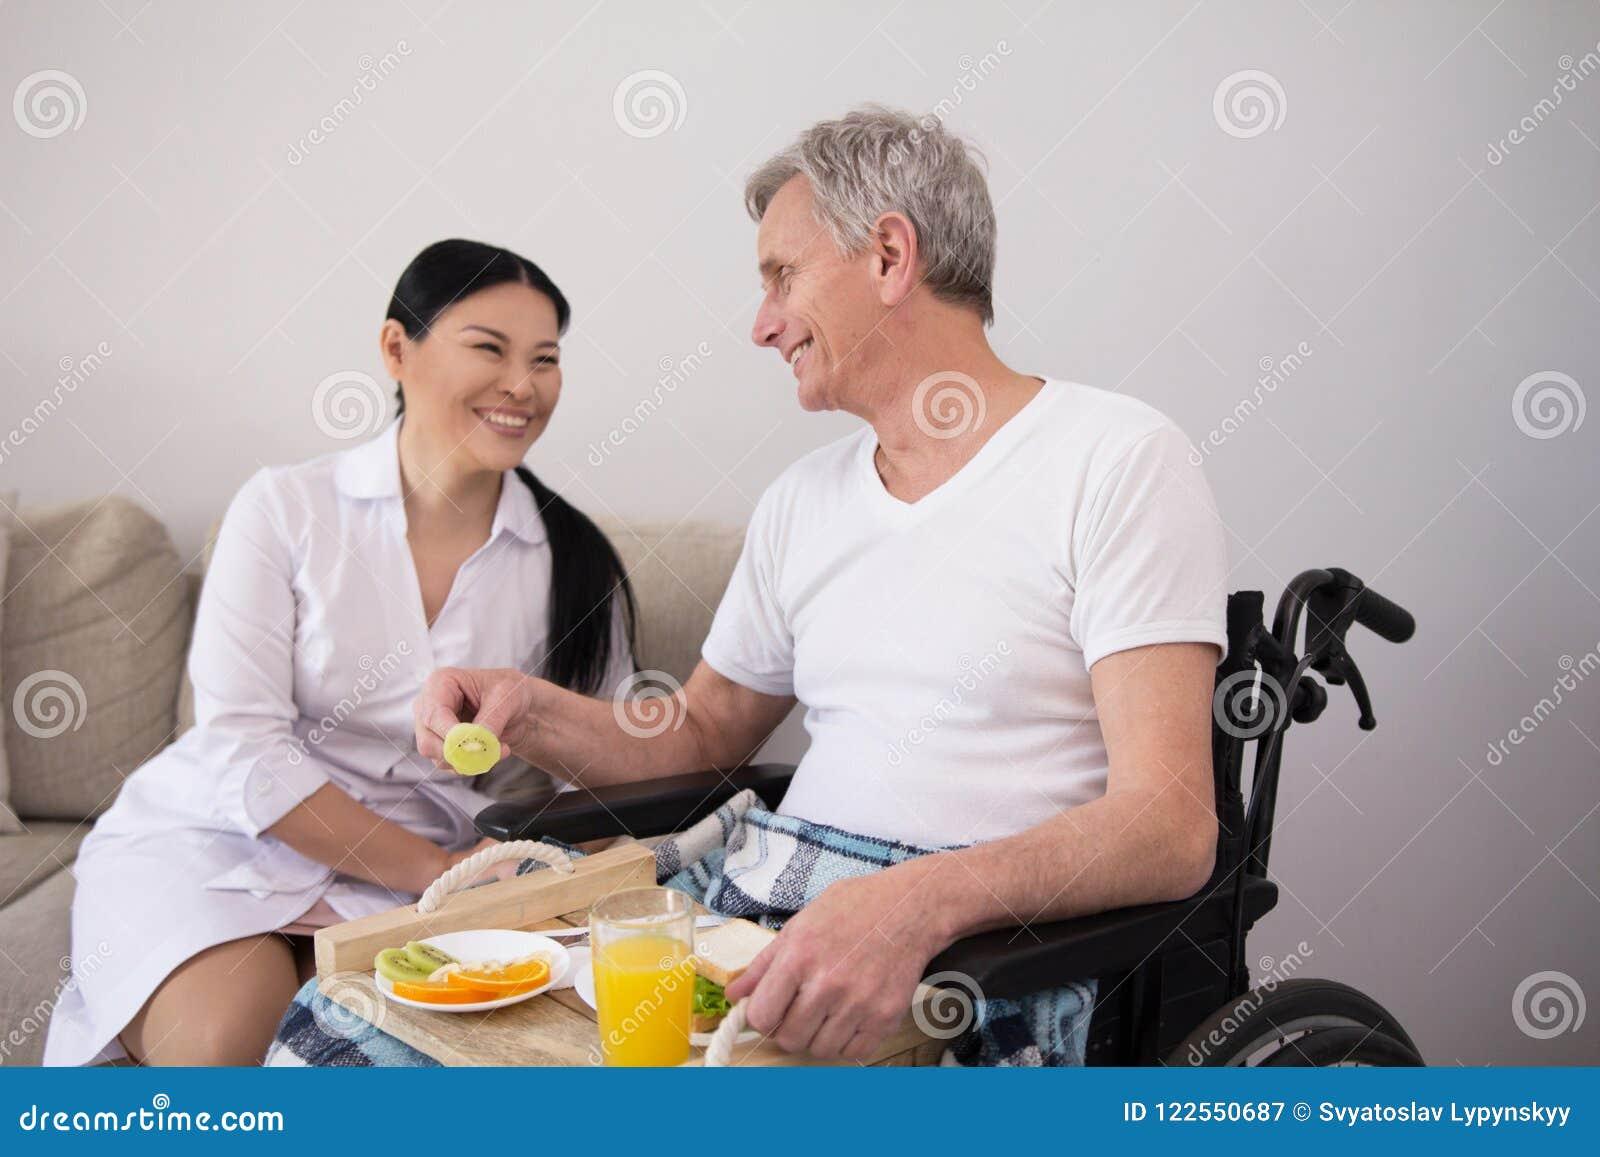 Krankenschwester, die dem Patienten im Rollstuhl Lebensmittel holt